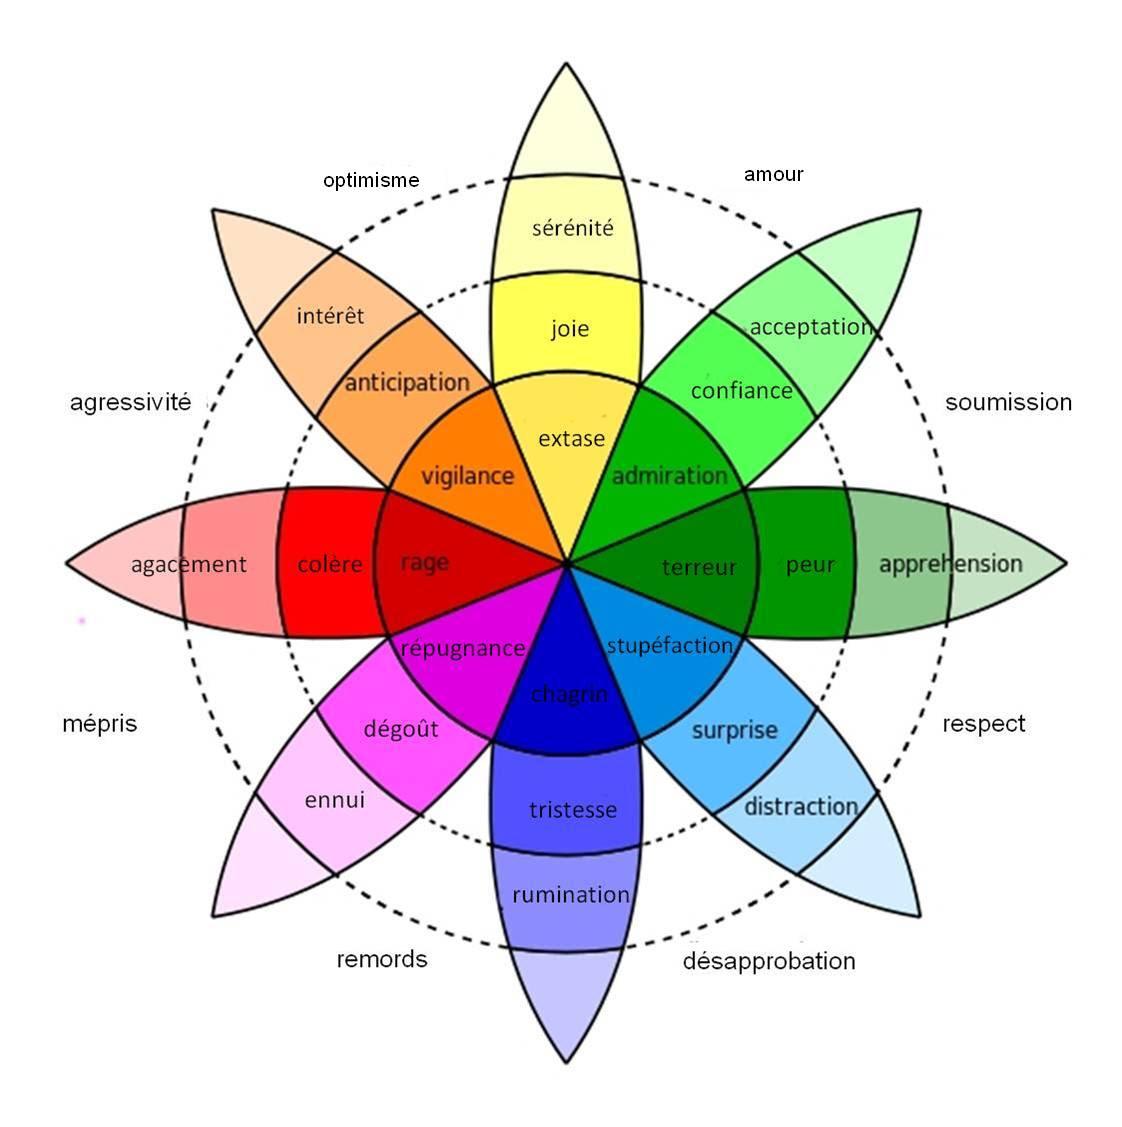 comment gérer ses émotions au travail, forum gérer ses émotions, comment gérer ses émotions livre, comment gérer ses émotions pdf,